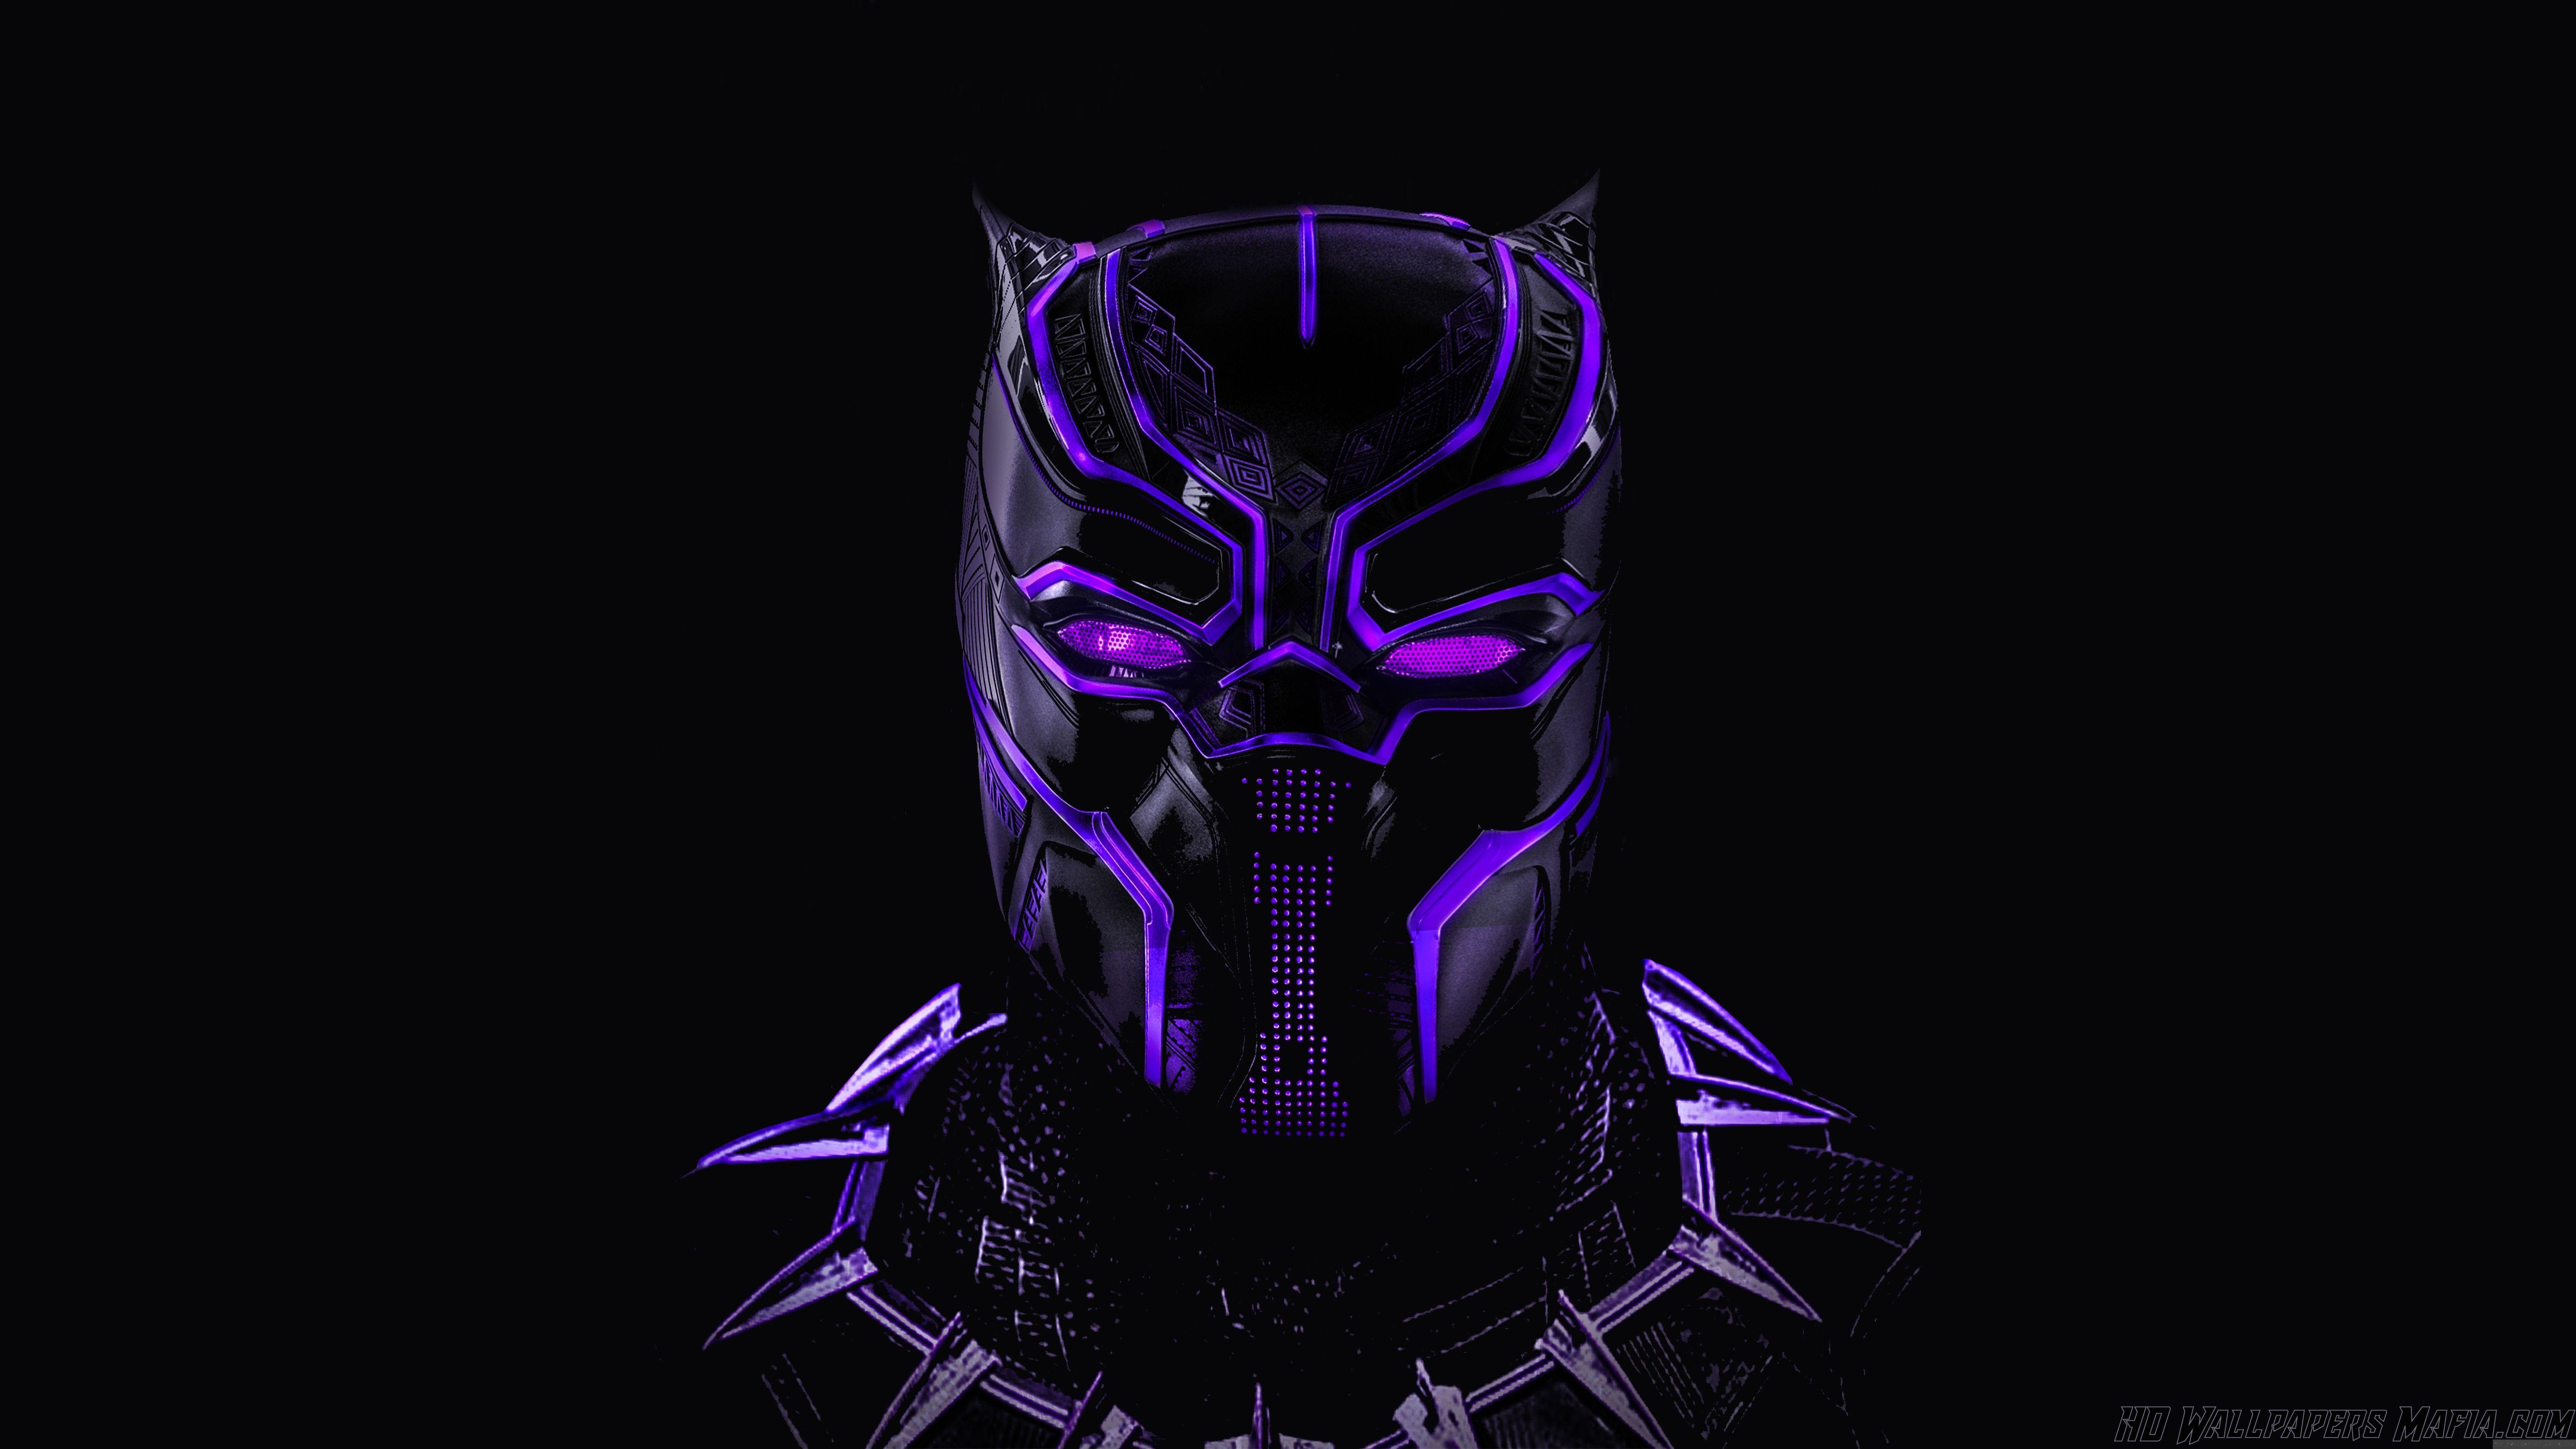 Black Panther Wallpaper Neon Artwork Dark Mask Black Panther Art